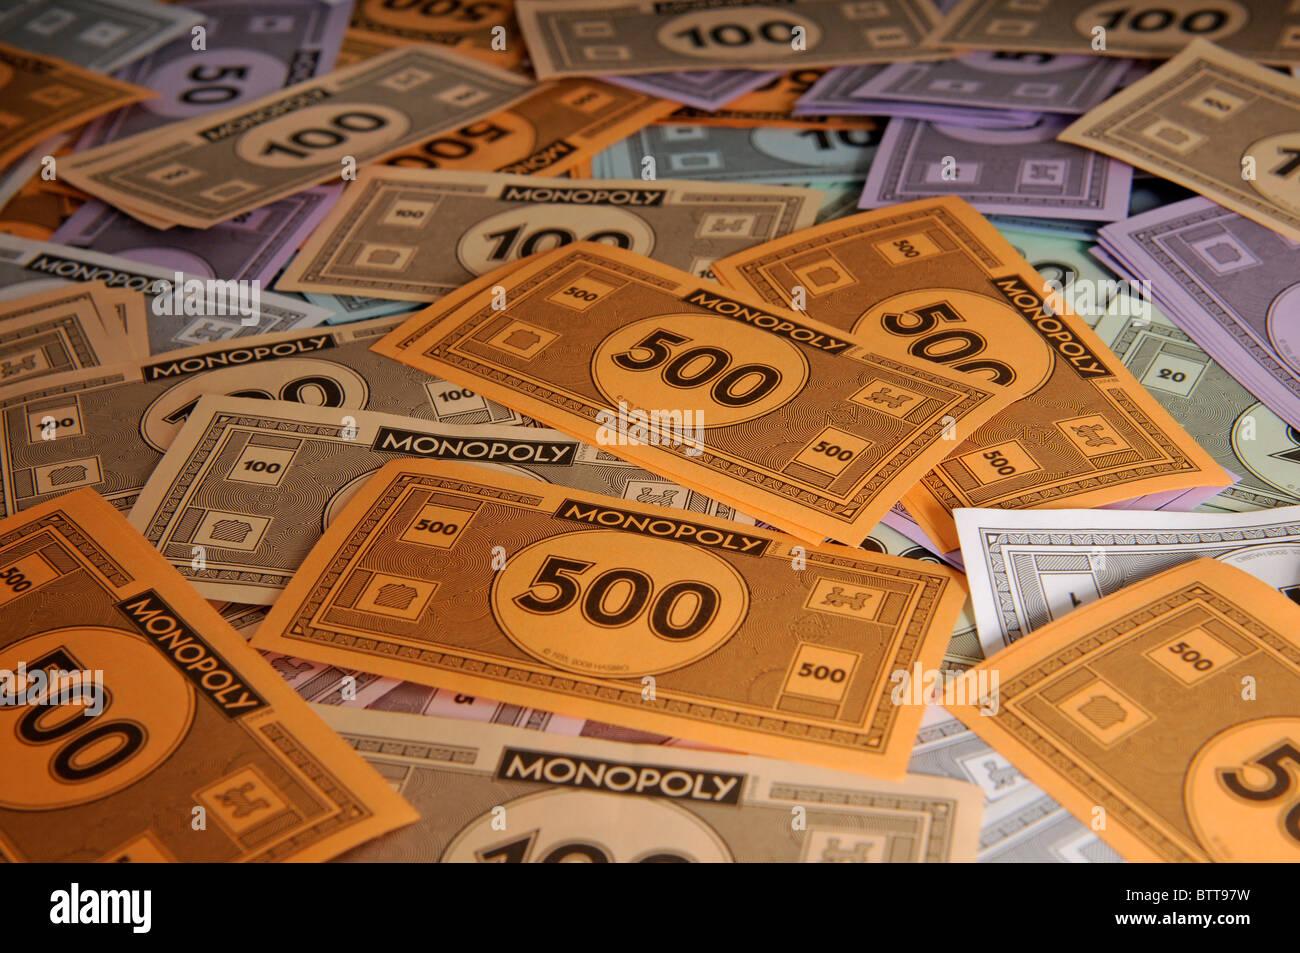 Monopoly Money Stock Photo: 32496237 - Alamy